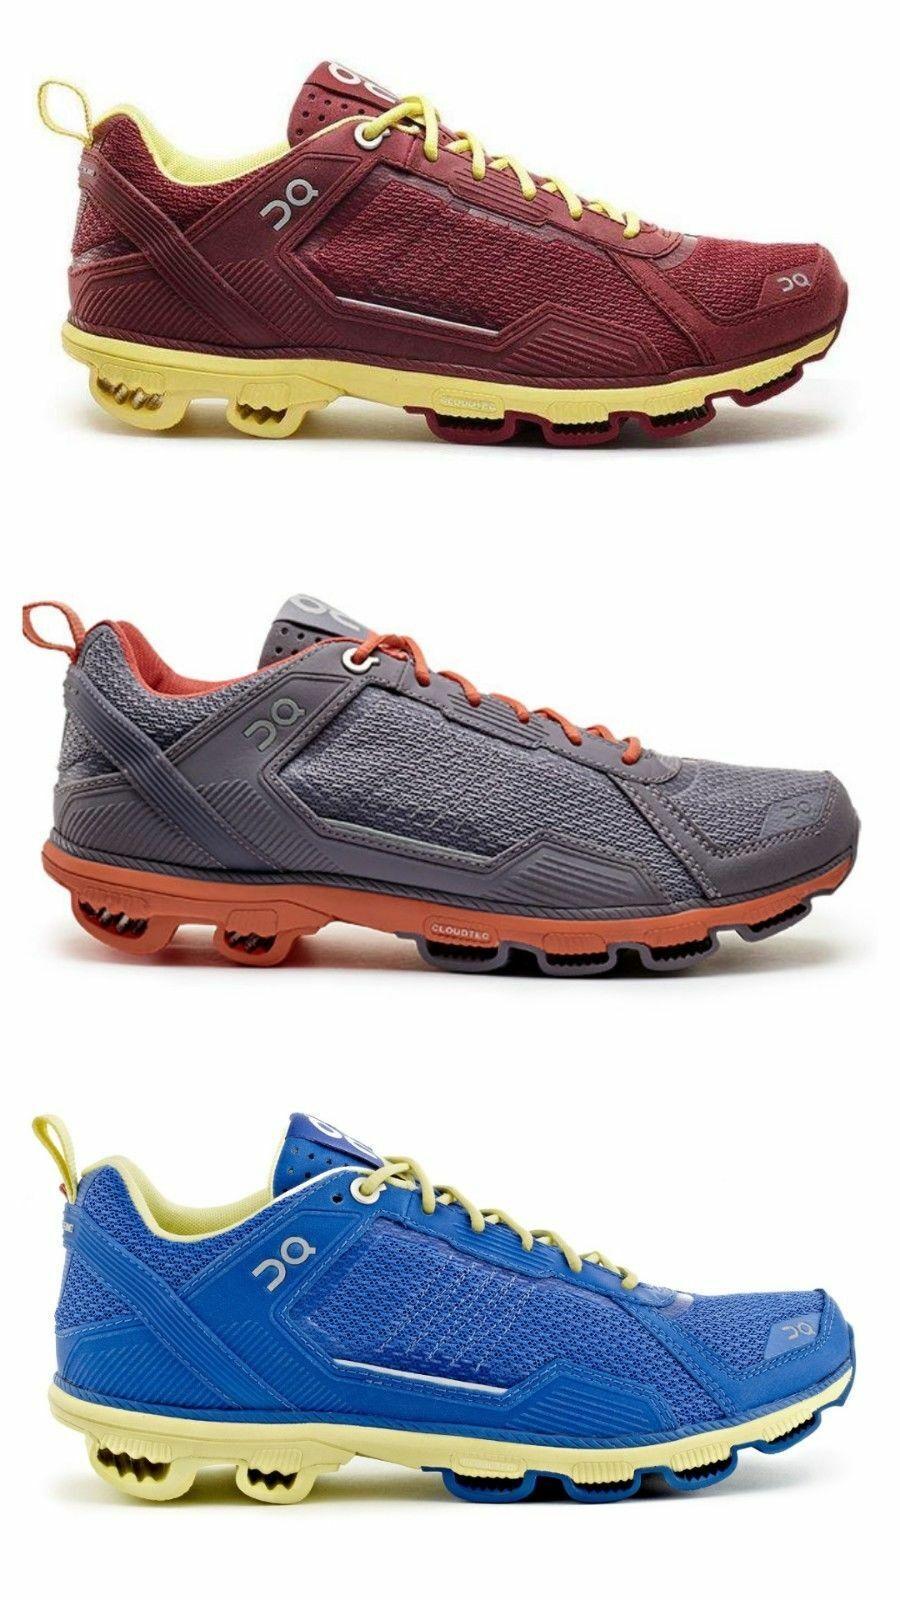 On Running Cloud Cloudsurfer Damen Laufschuh Sneaker Schuhe Freizeit alle Größen